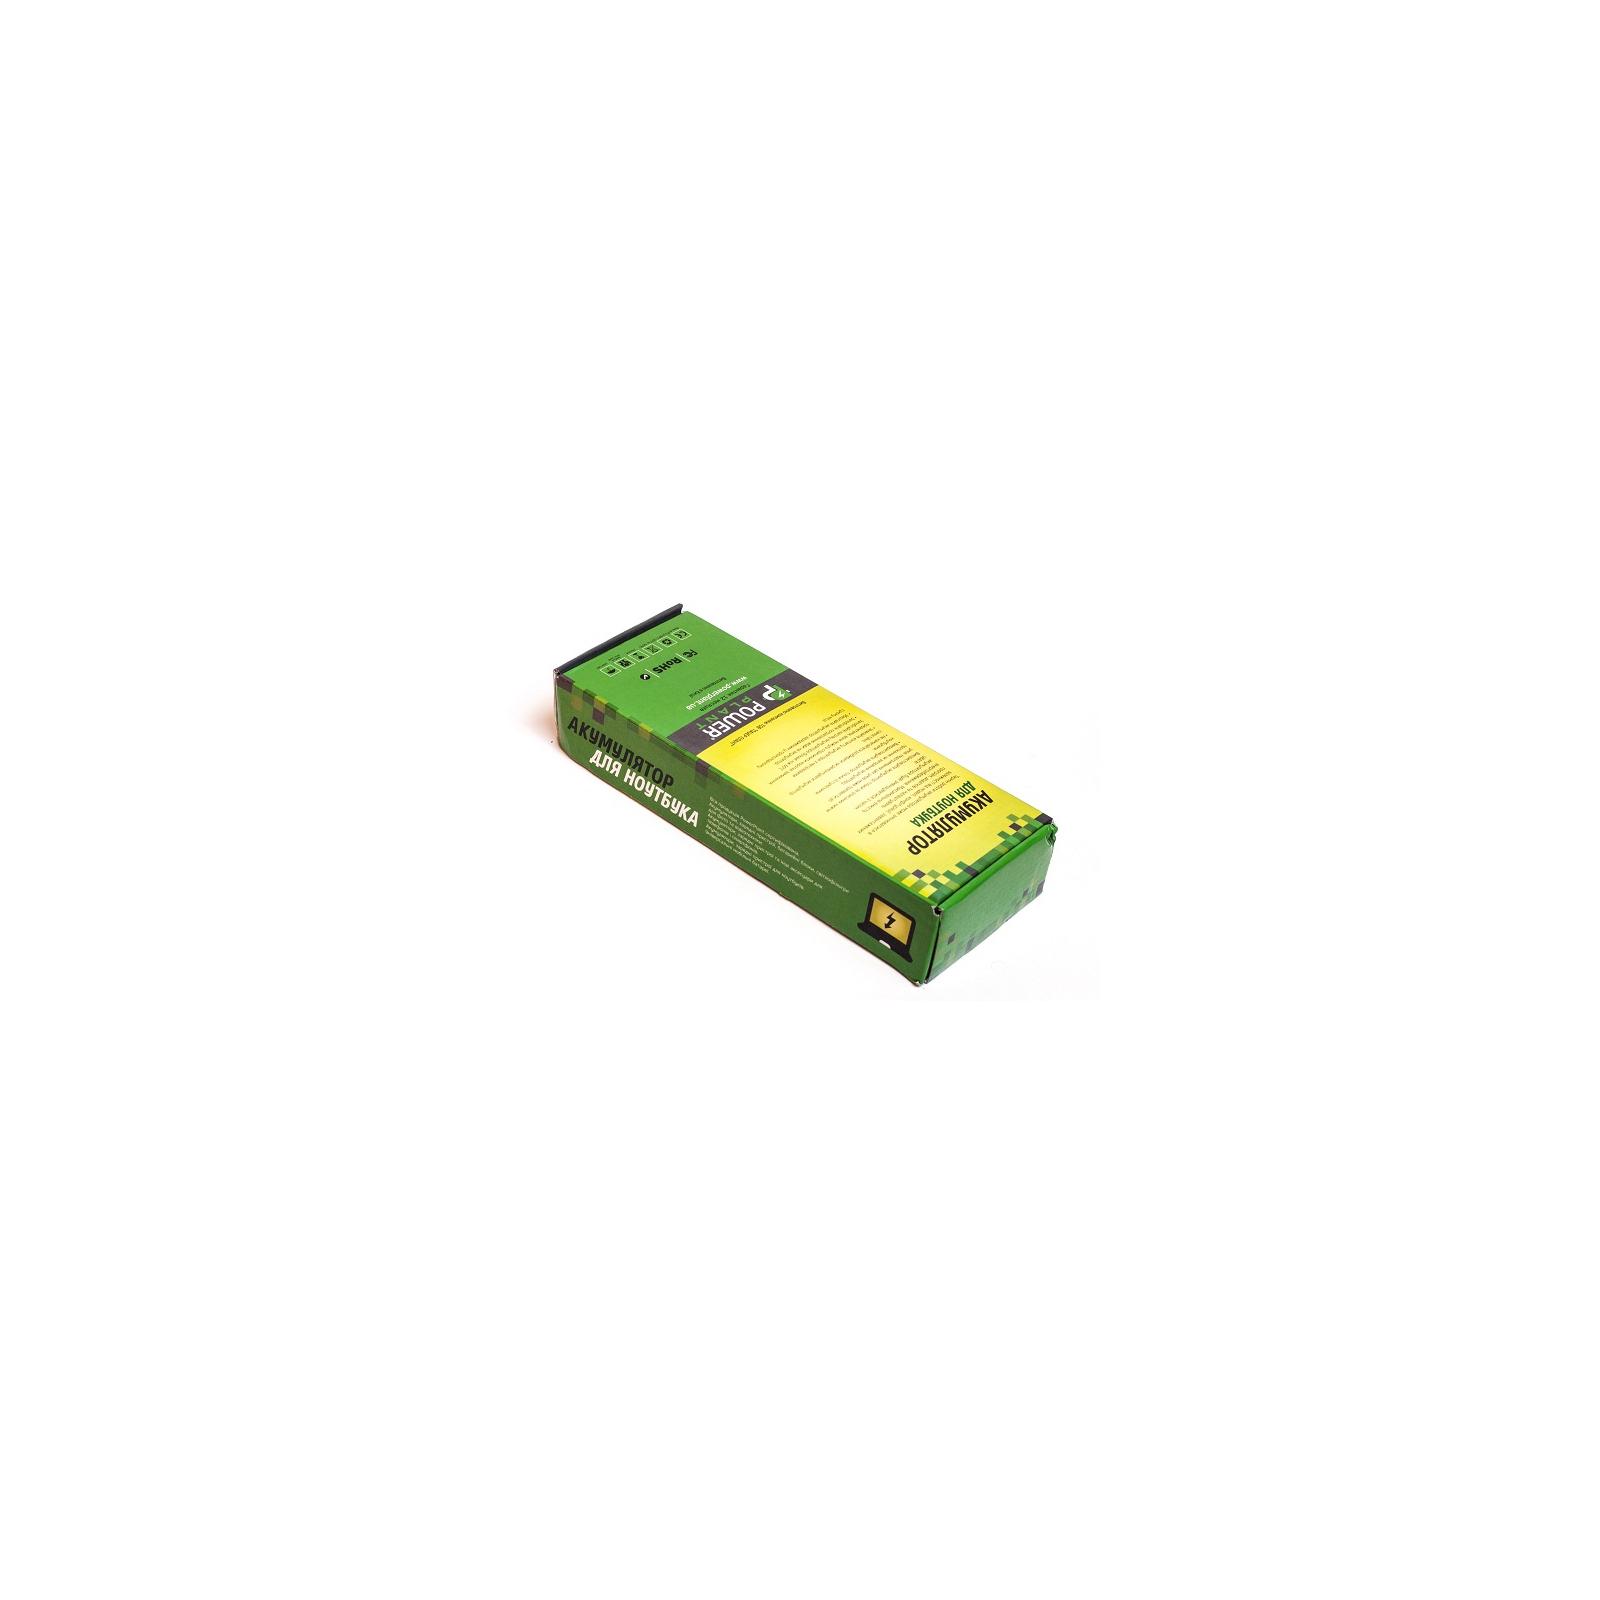 Аккумулятор для ноутбука ASUS F2, F3 (A32-F3, AS9000LH) 11.1V 5200mAh PowerPlant (NB00000012) изображение 2